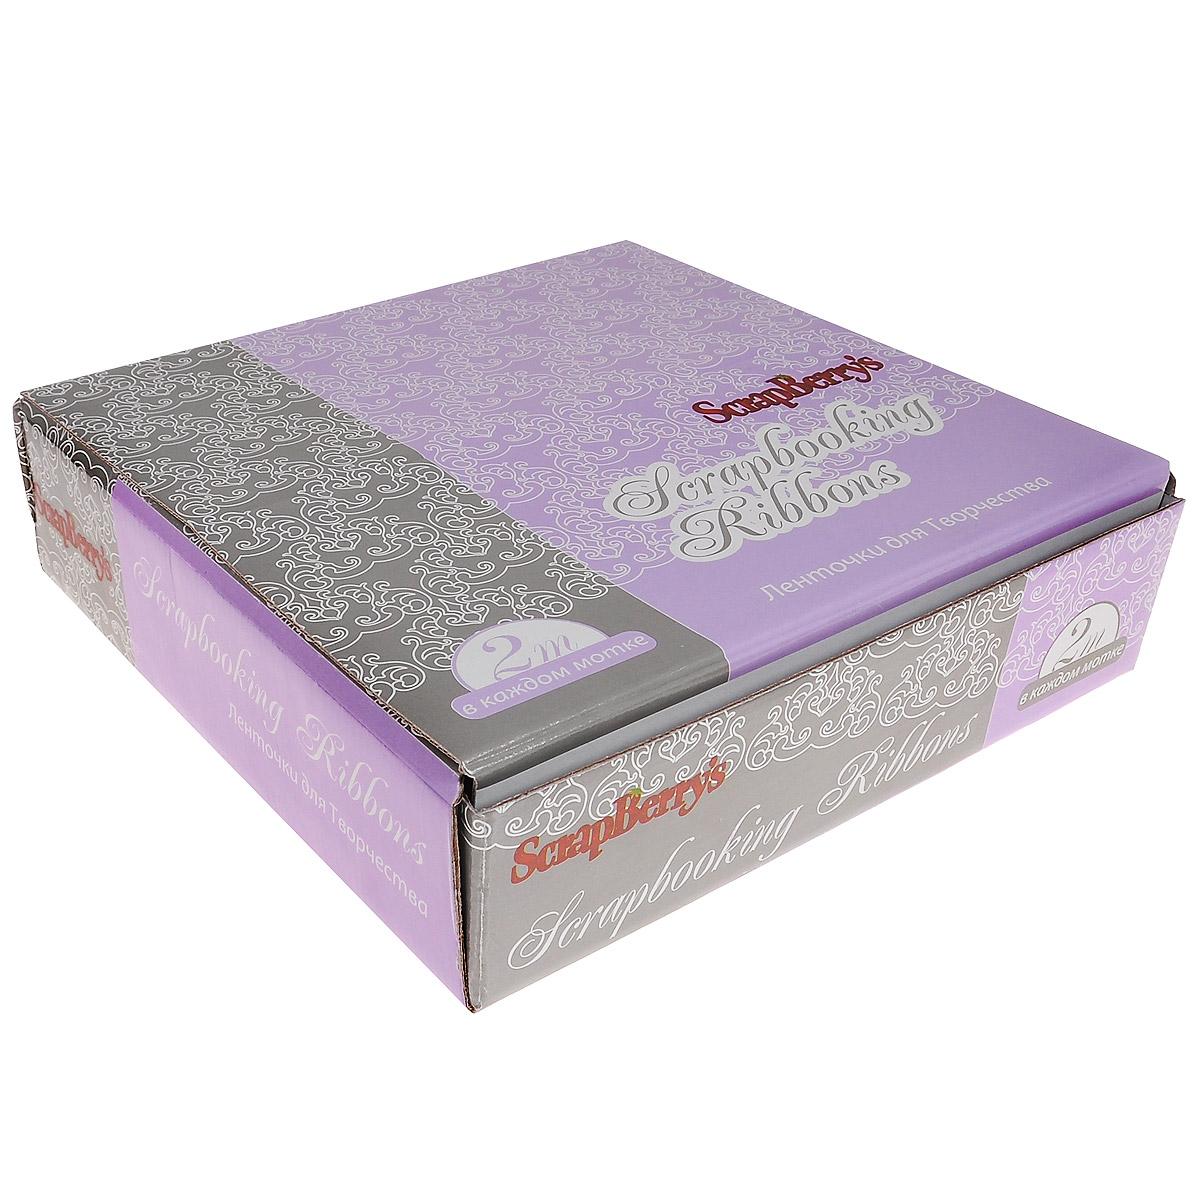 Коробка ScrapBerrys для ленточек для творчества, 26 х 26 х 7 смSCB11001000Коробка ScrapBerrys выполнена из плотного картона. Предназначена для хранения ленточек для творчества и других материалов для рукоделия. Коробка складная, легко собирается.